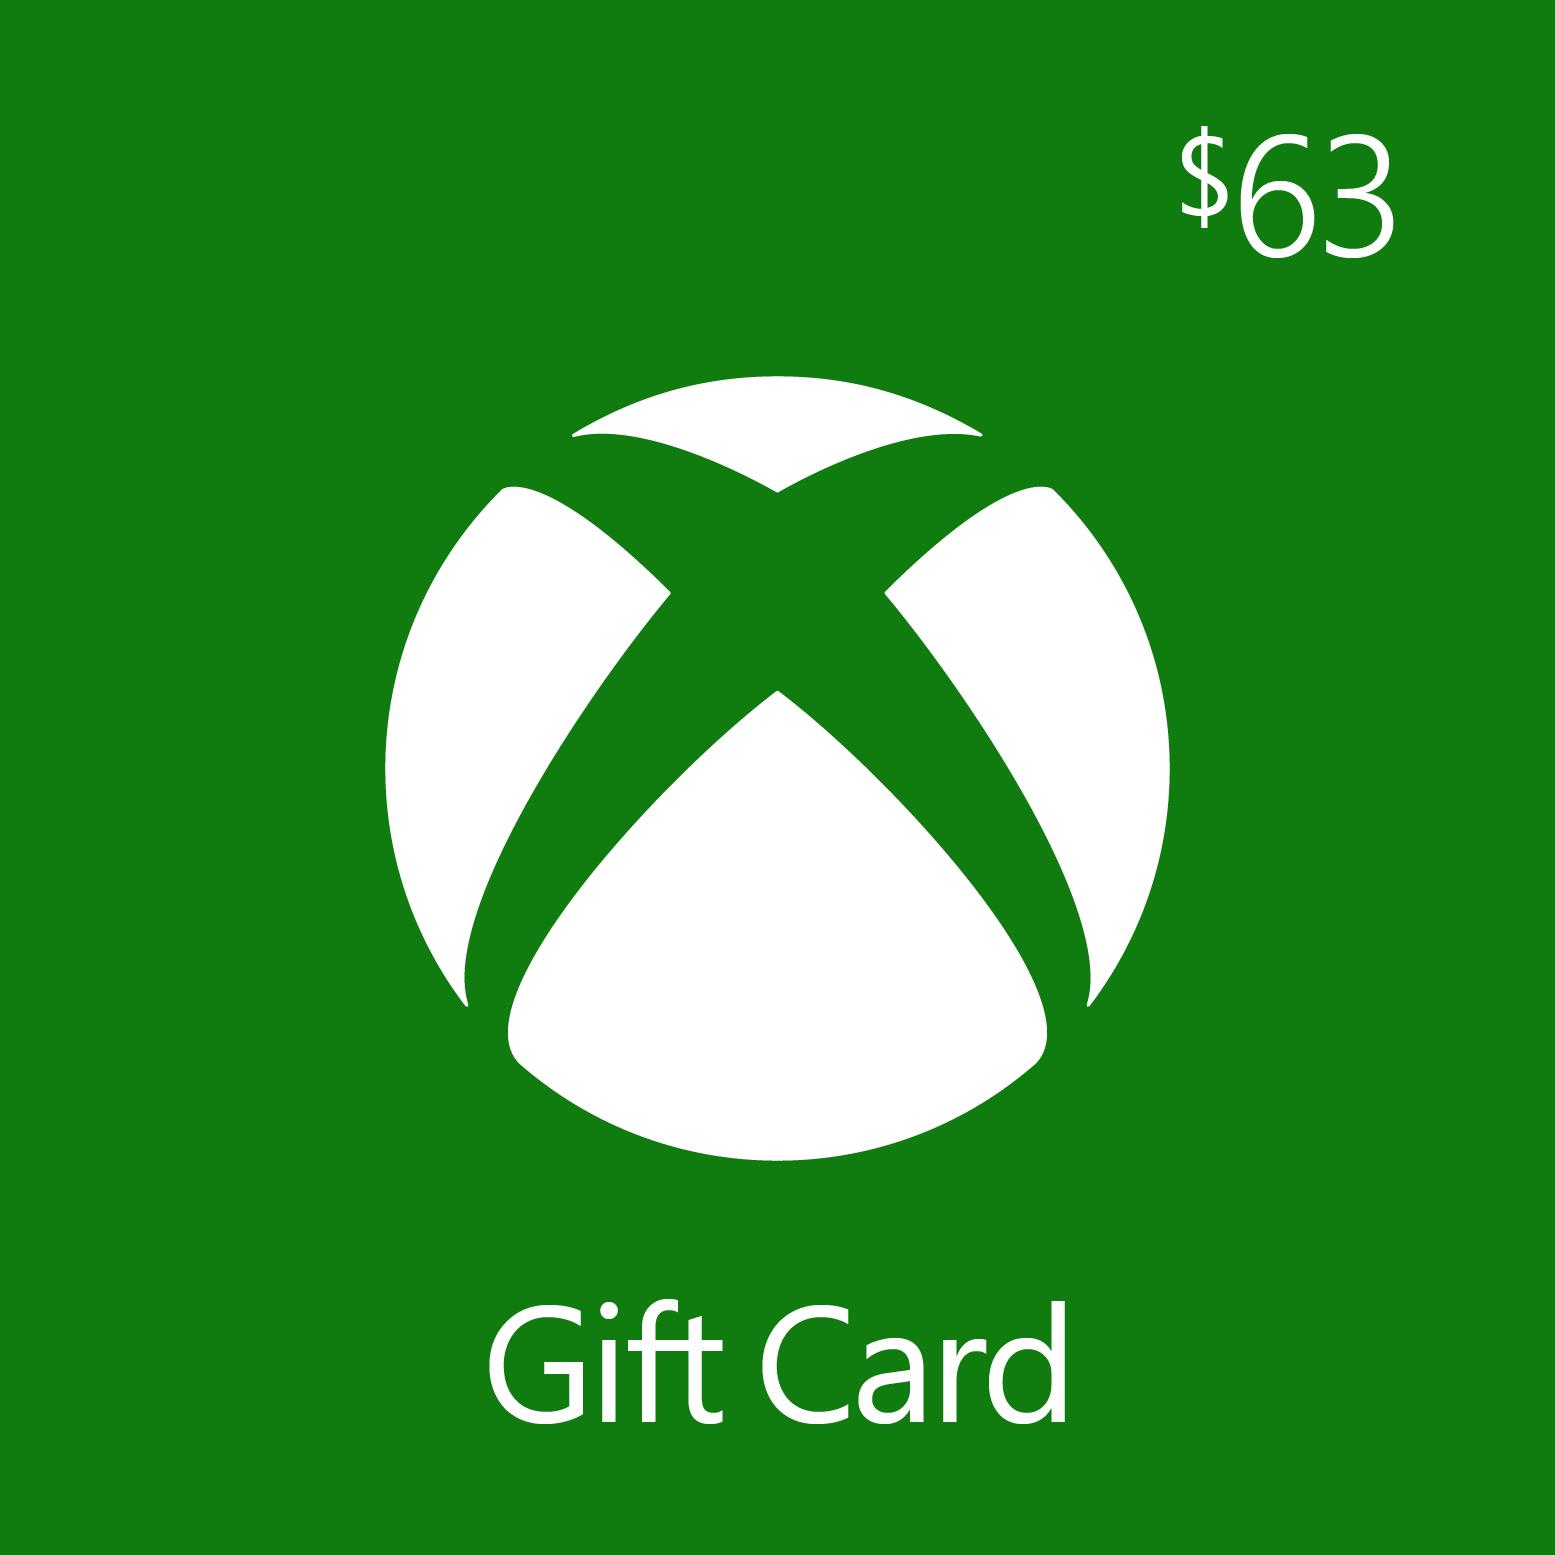 $63.00 Xbox Digital Gift Card